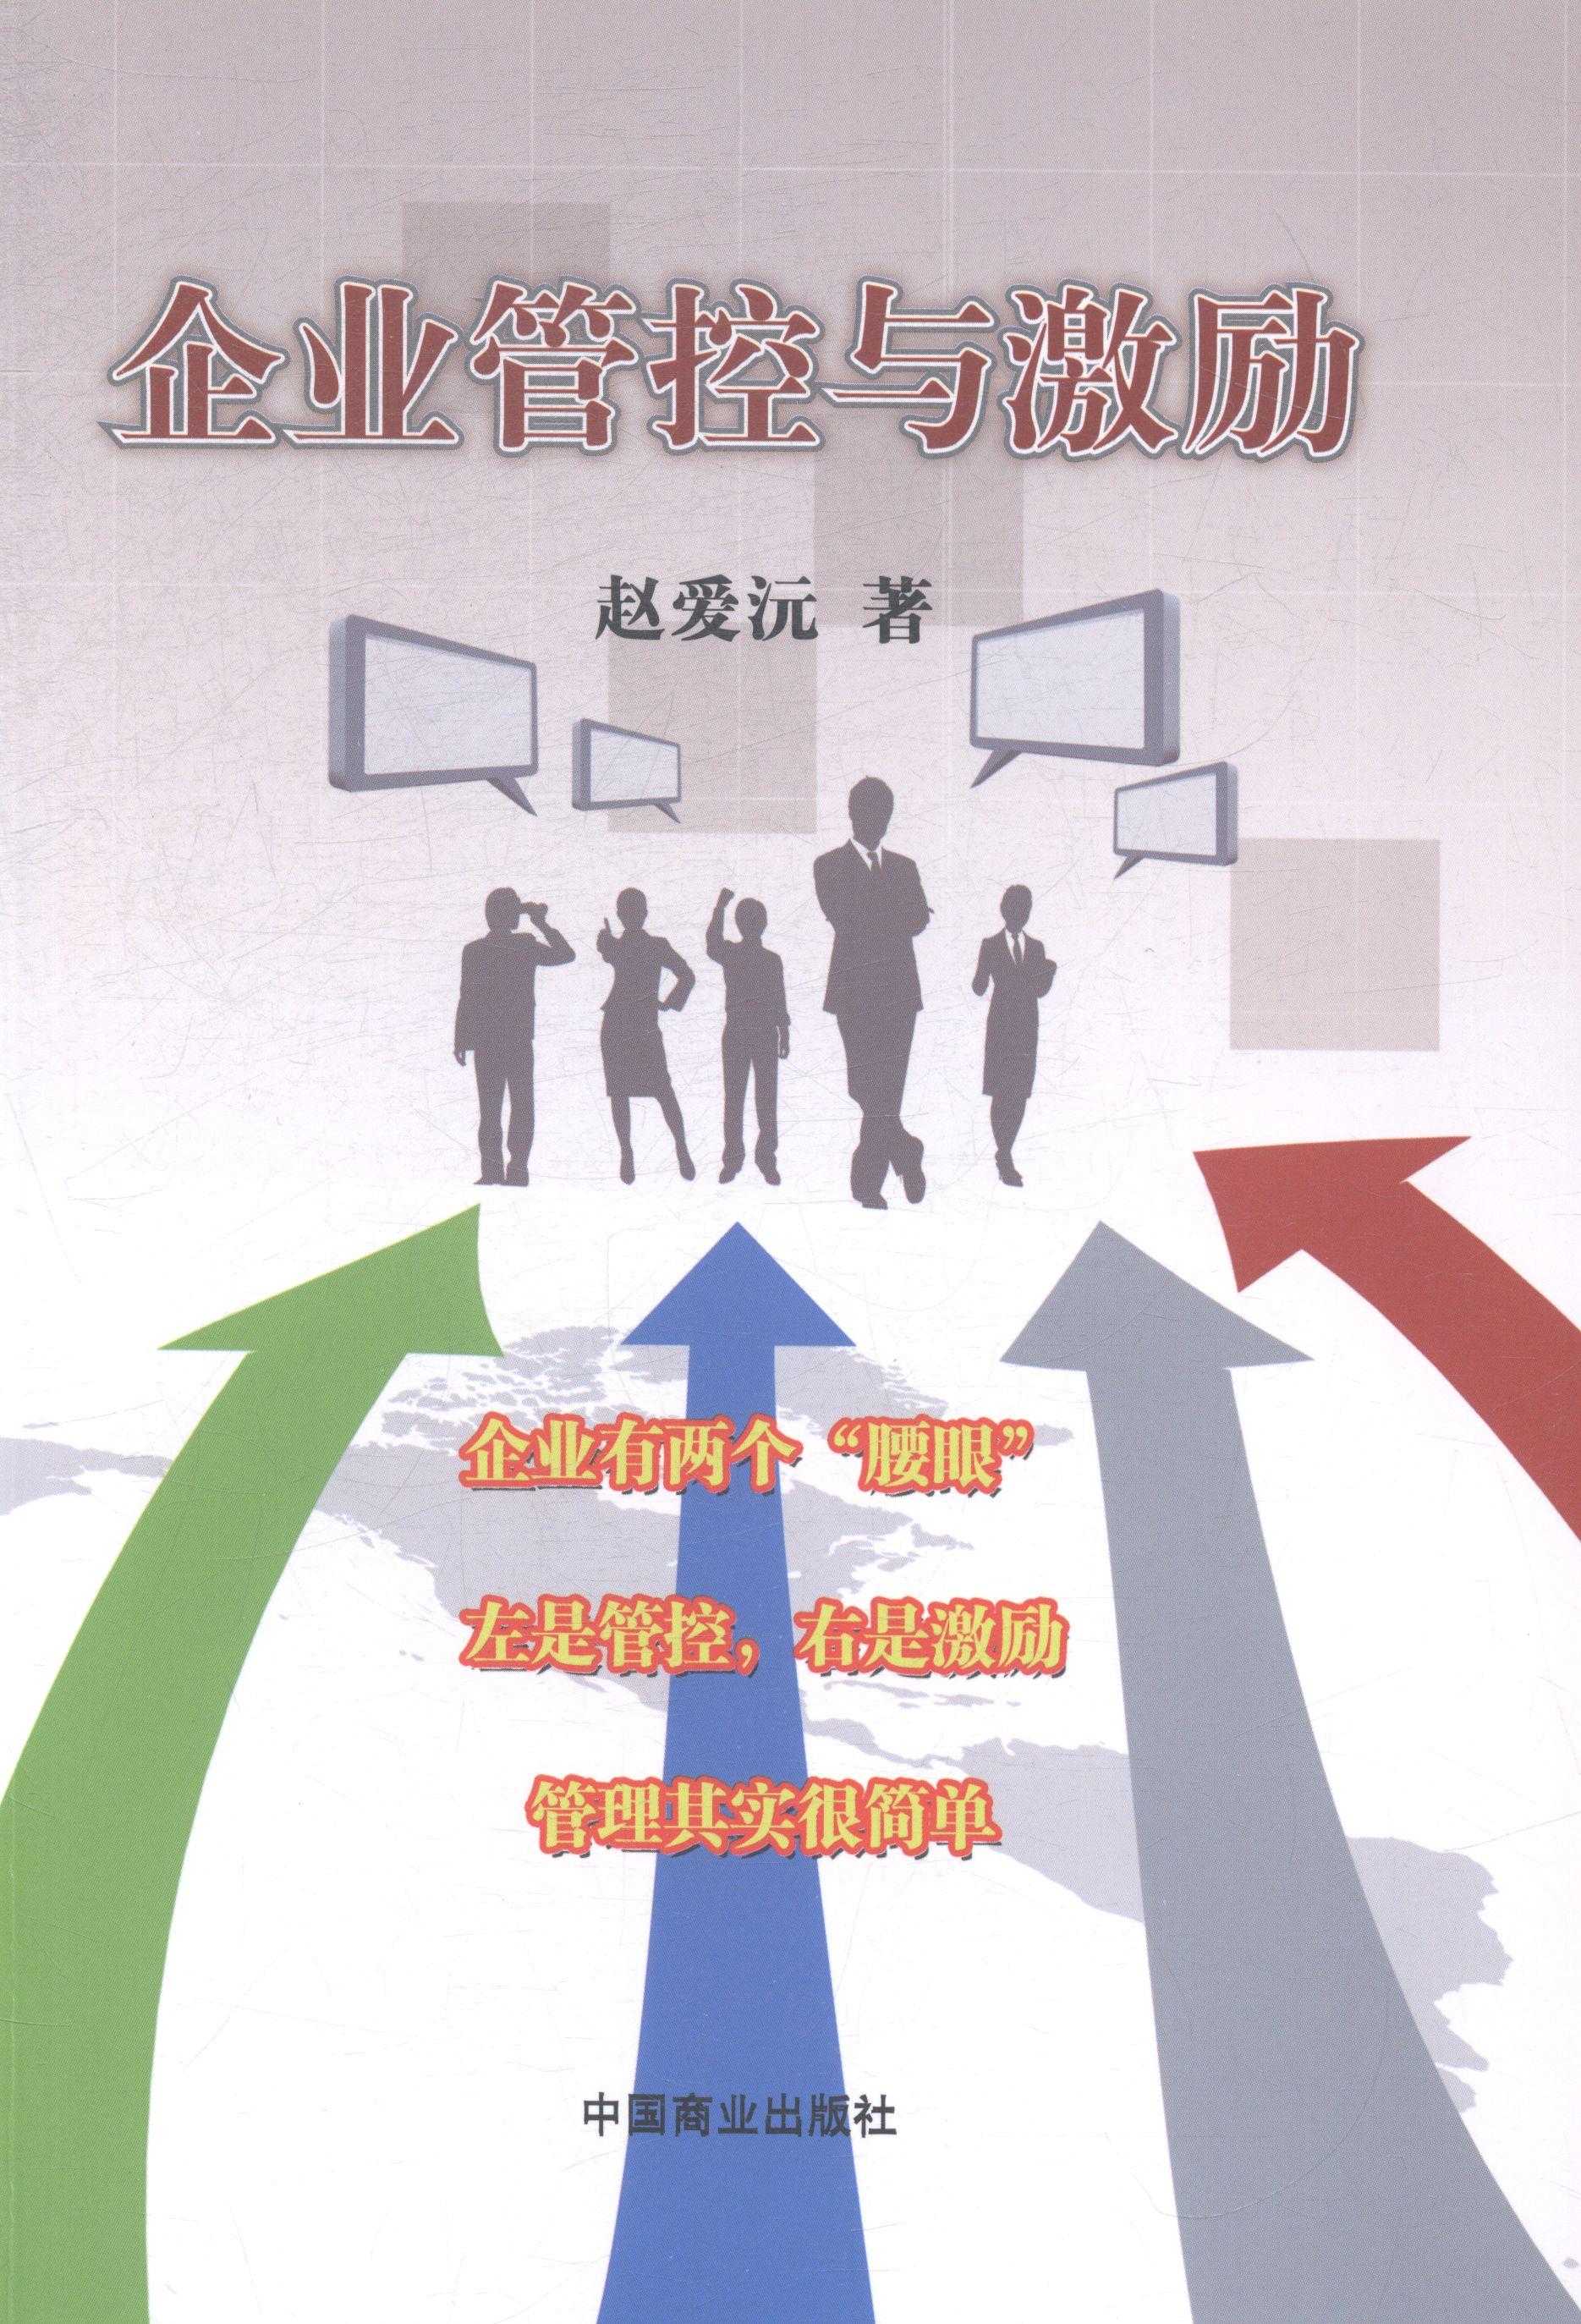 企业管控与激励 赵爱沅 中国商业 经济管理类 书籍